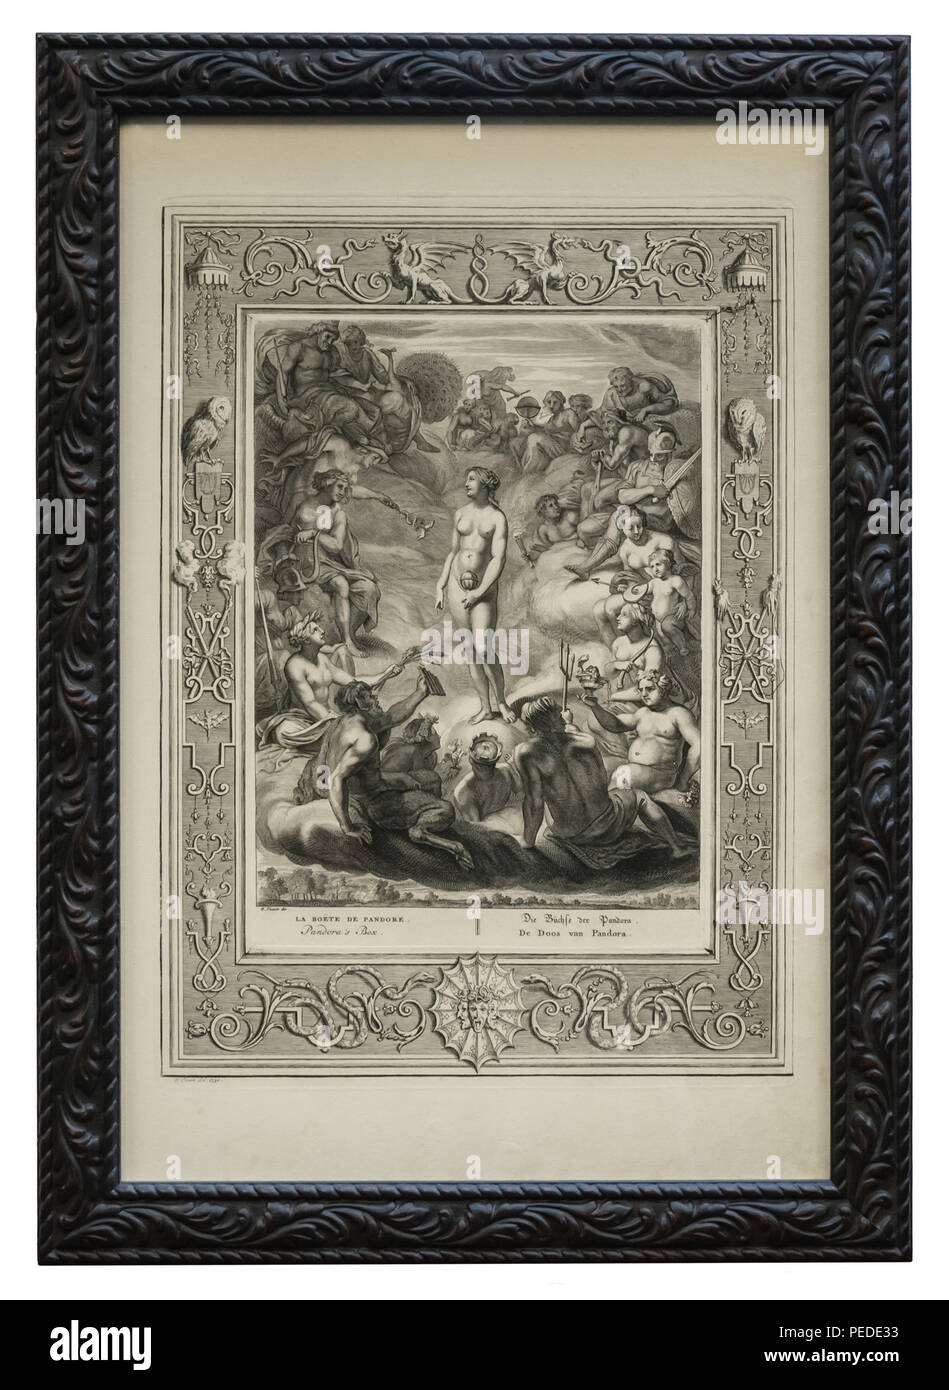 Antiker Kupferstich – Griechische Sage – Die Büchse der Pandora - mit schwarzem Bilderrahmen, der mit stilisierten Blätterranken verziert ist Stock Photo